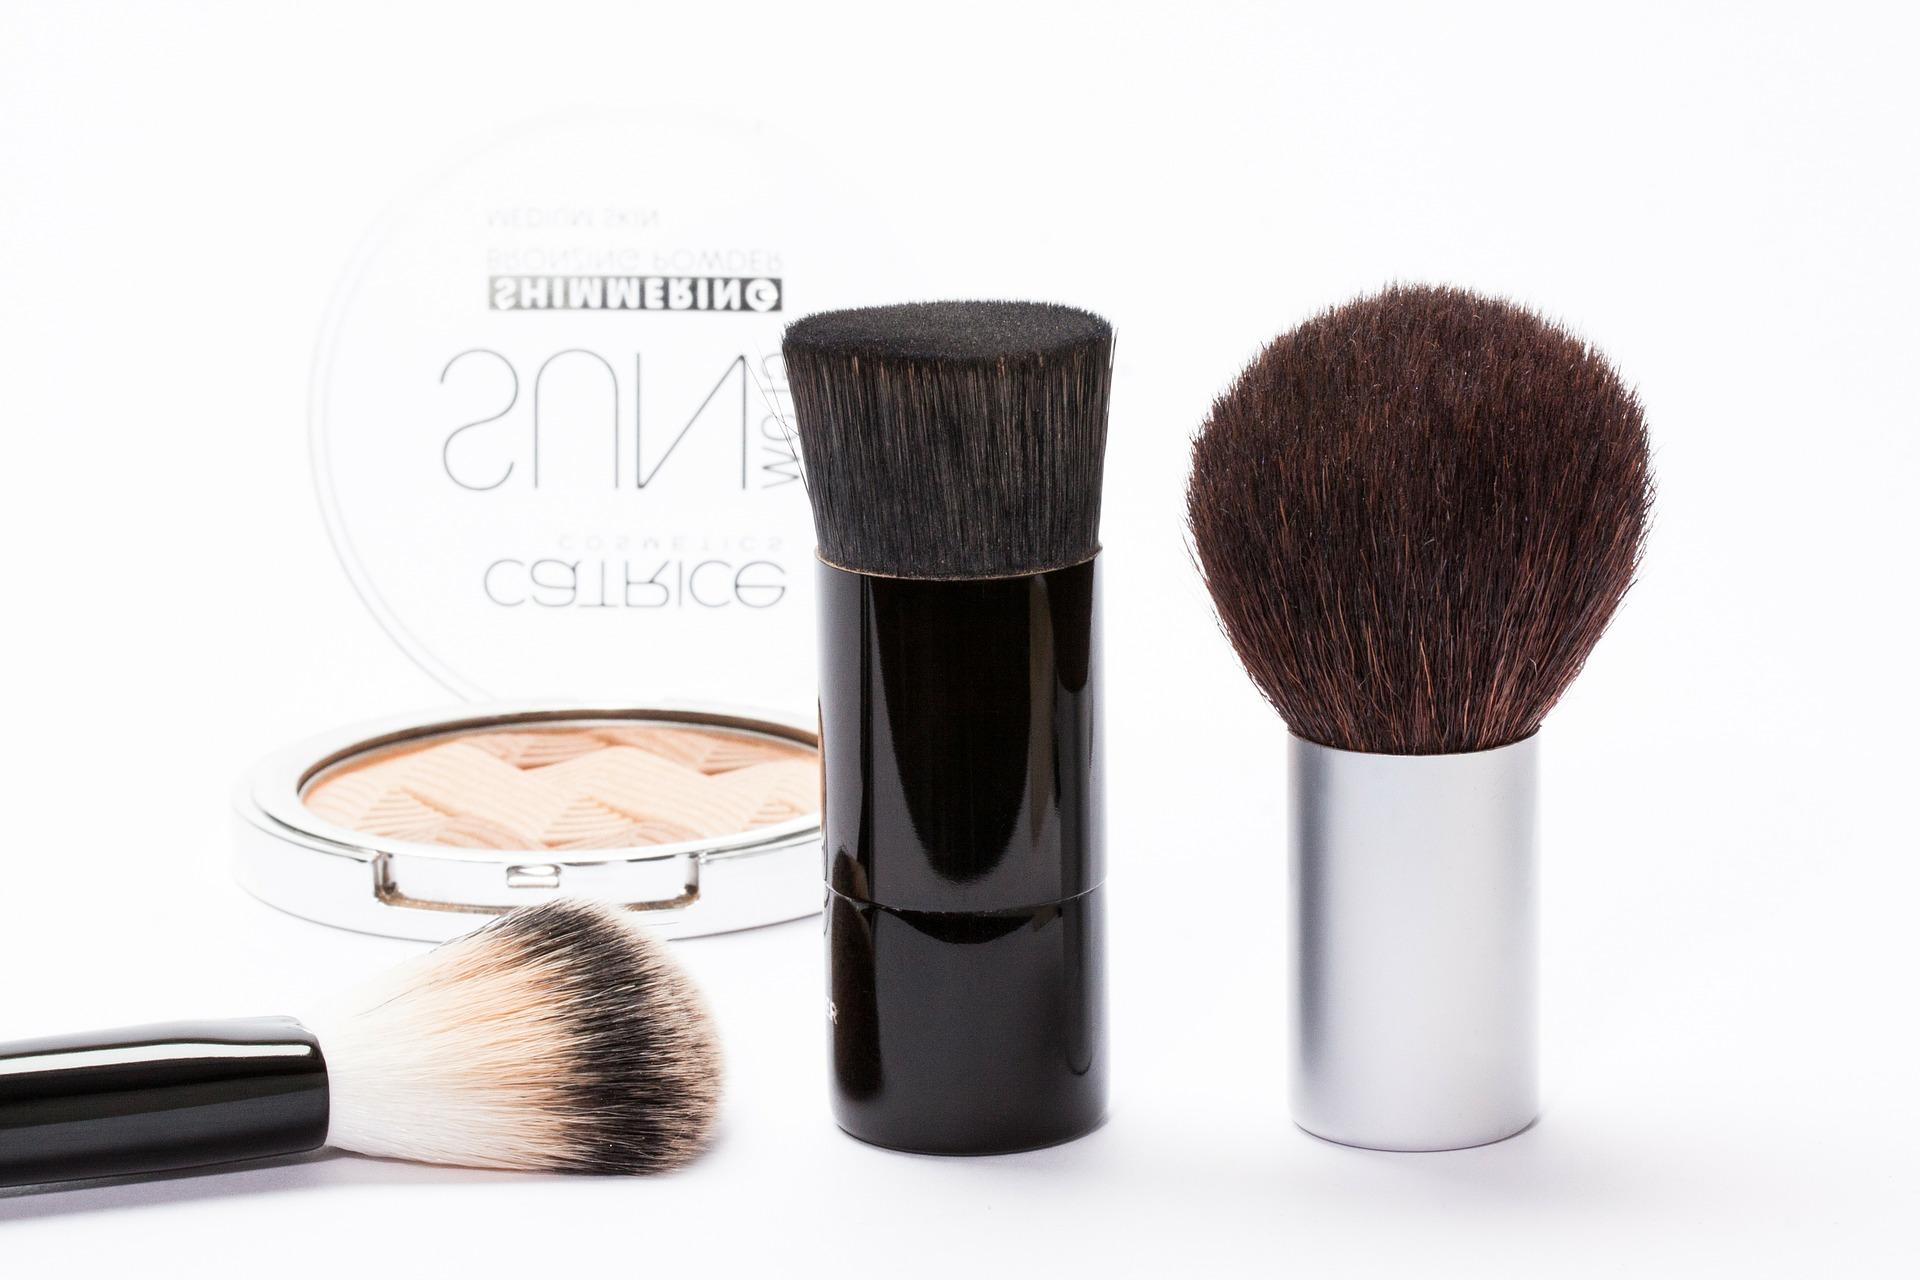 cosmetics-259181_1920